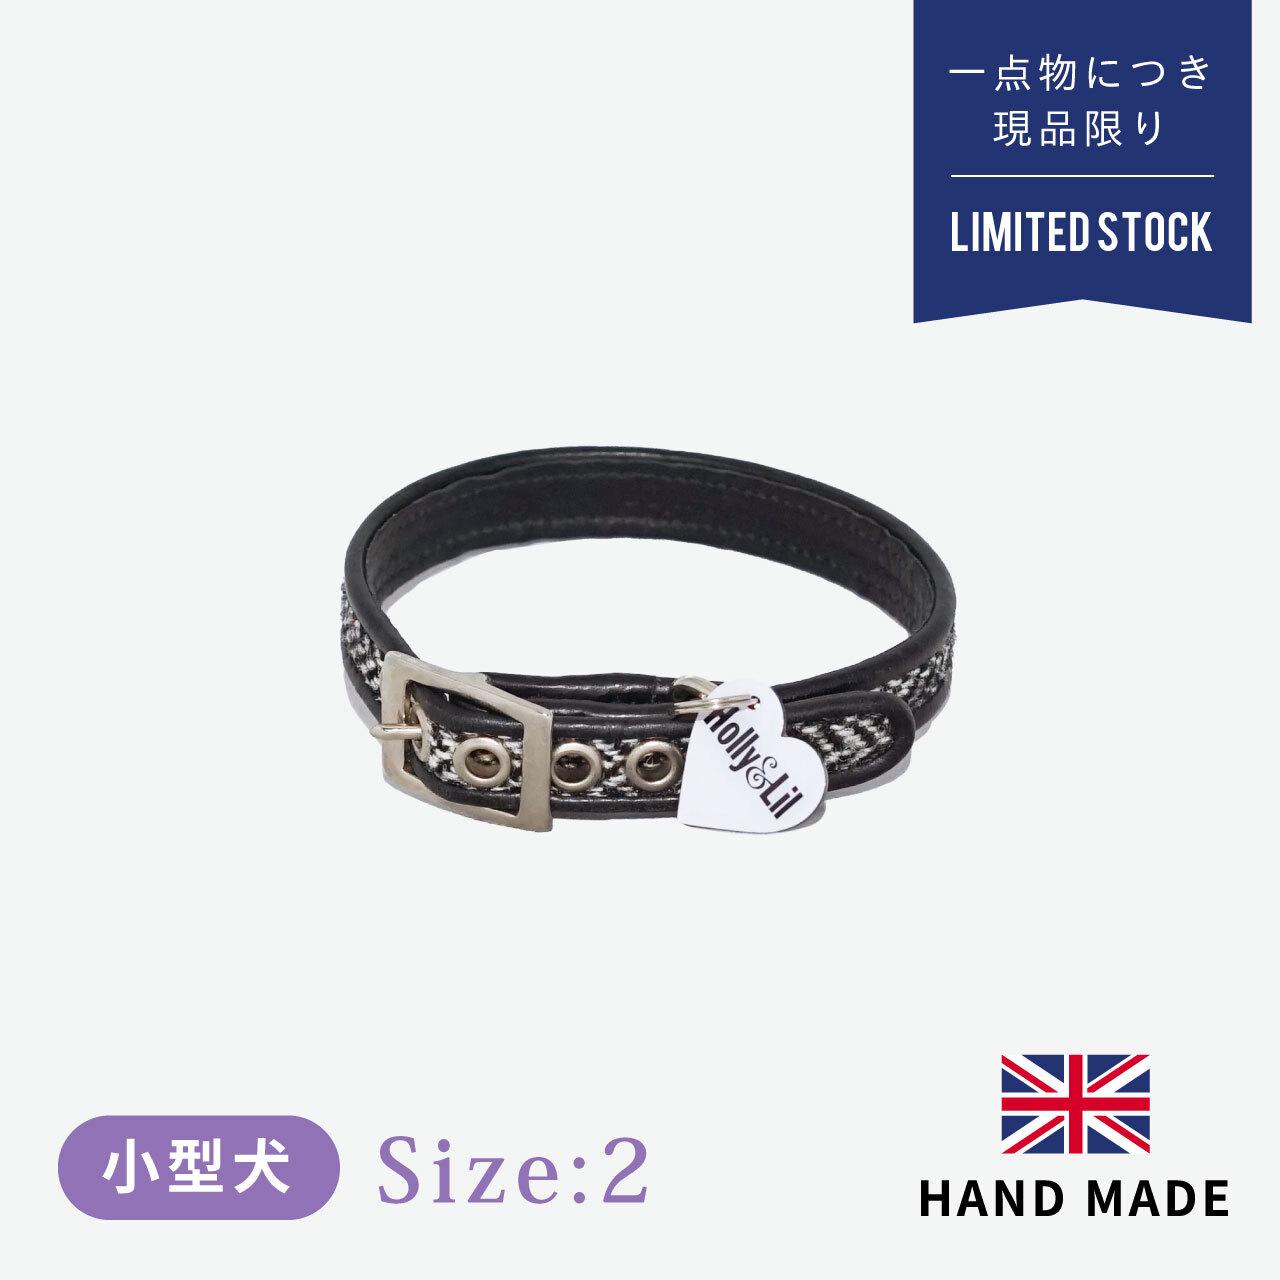 ホリー&リル ハリスツイード ブラックヘリングボーン カラー(首輪) size2